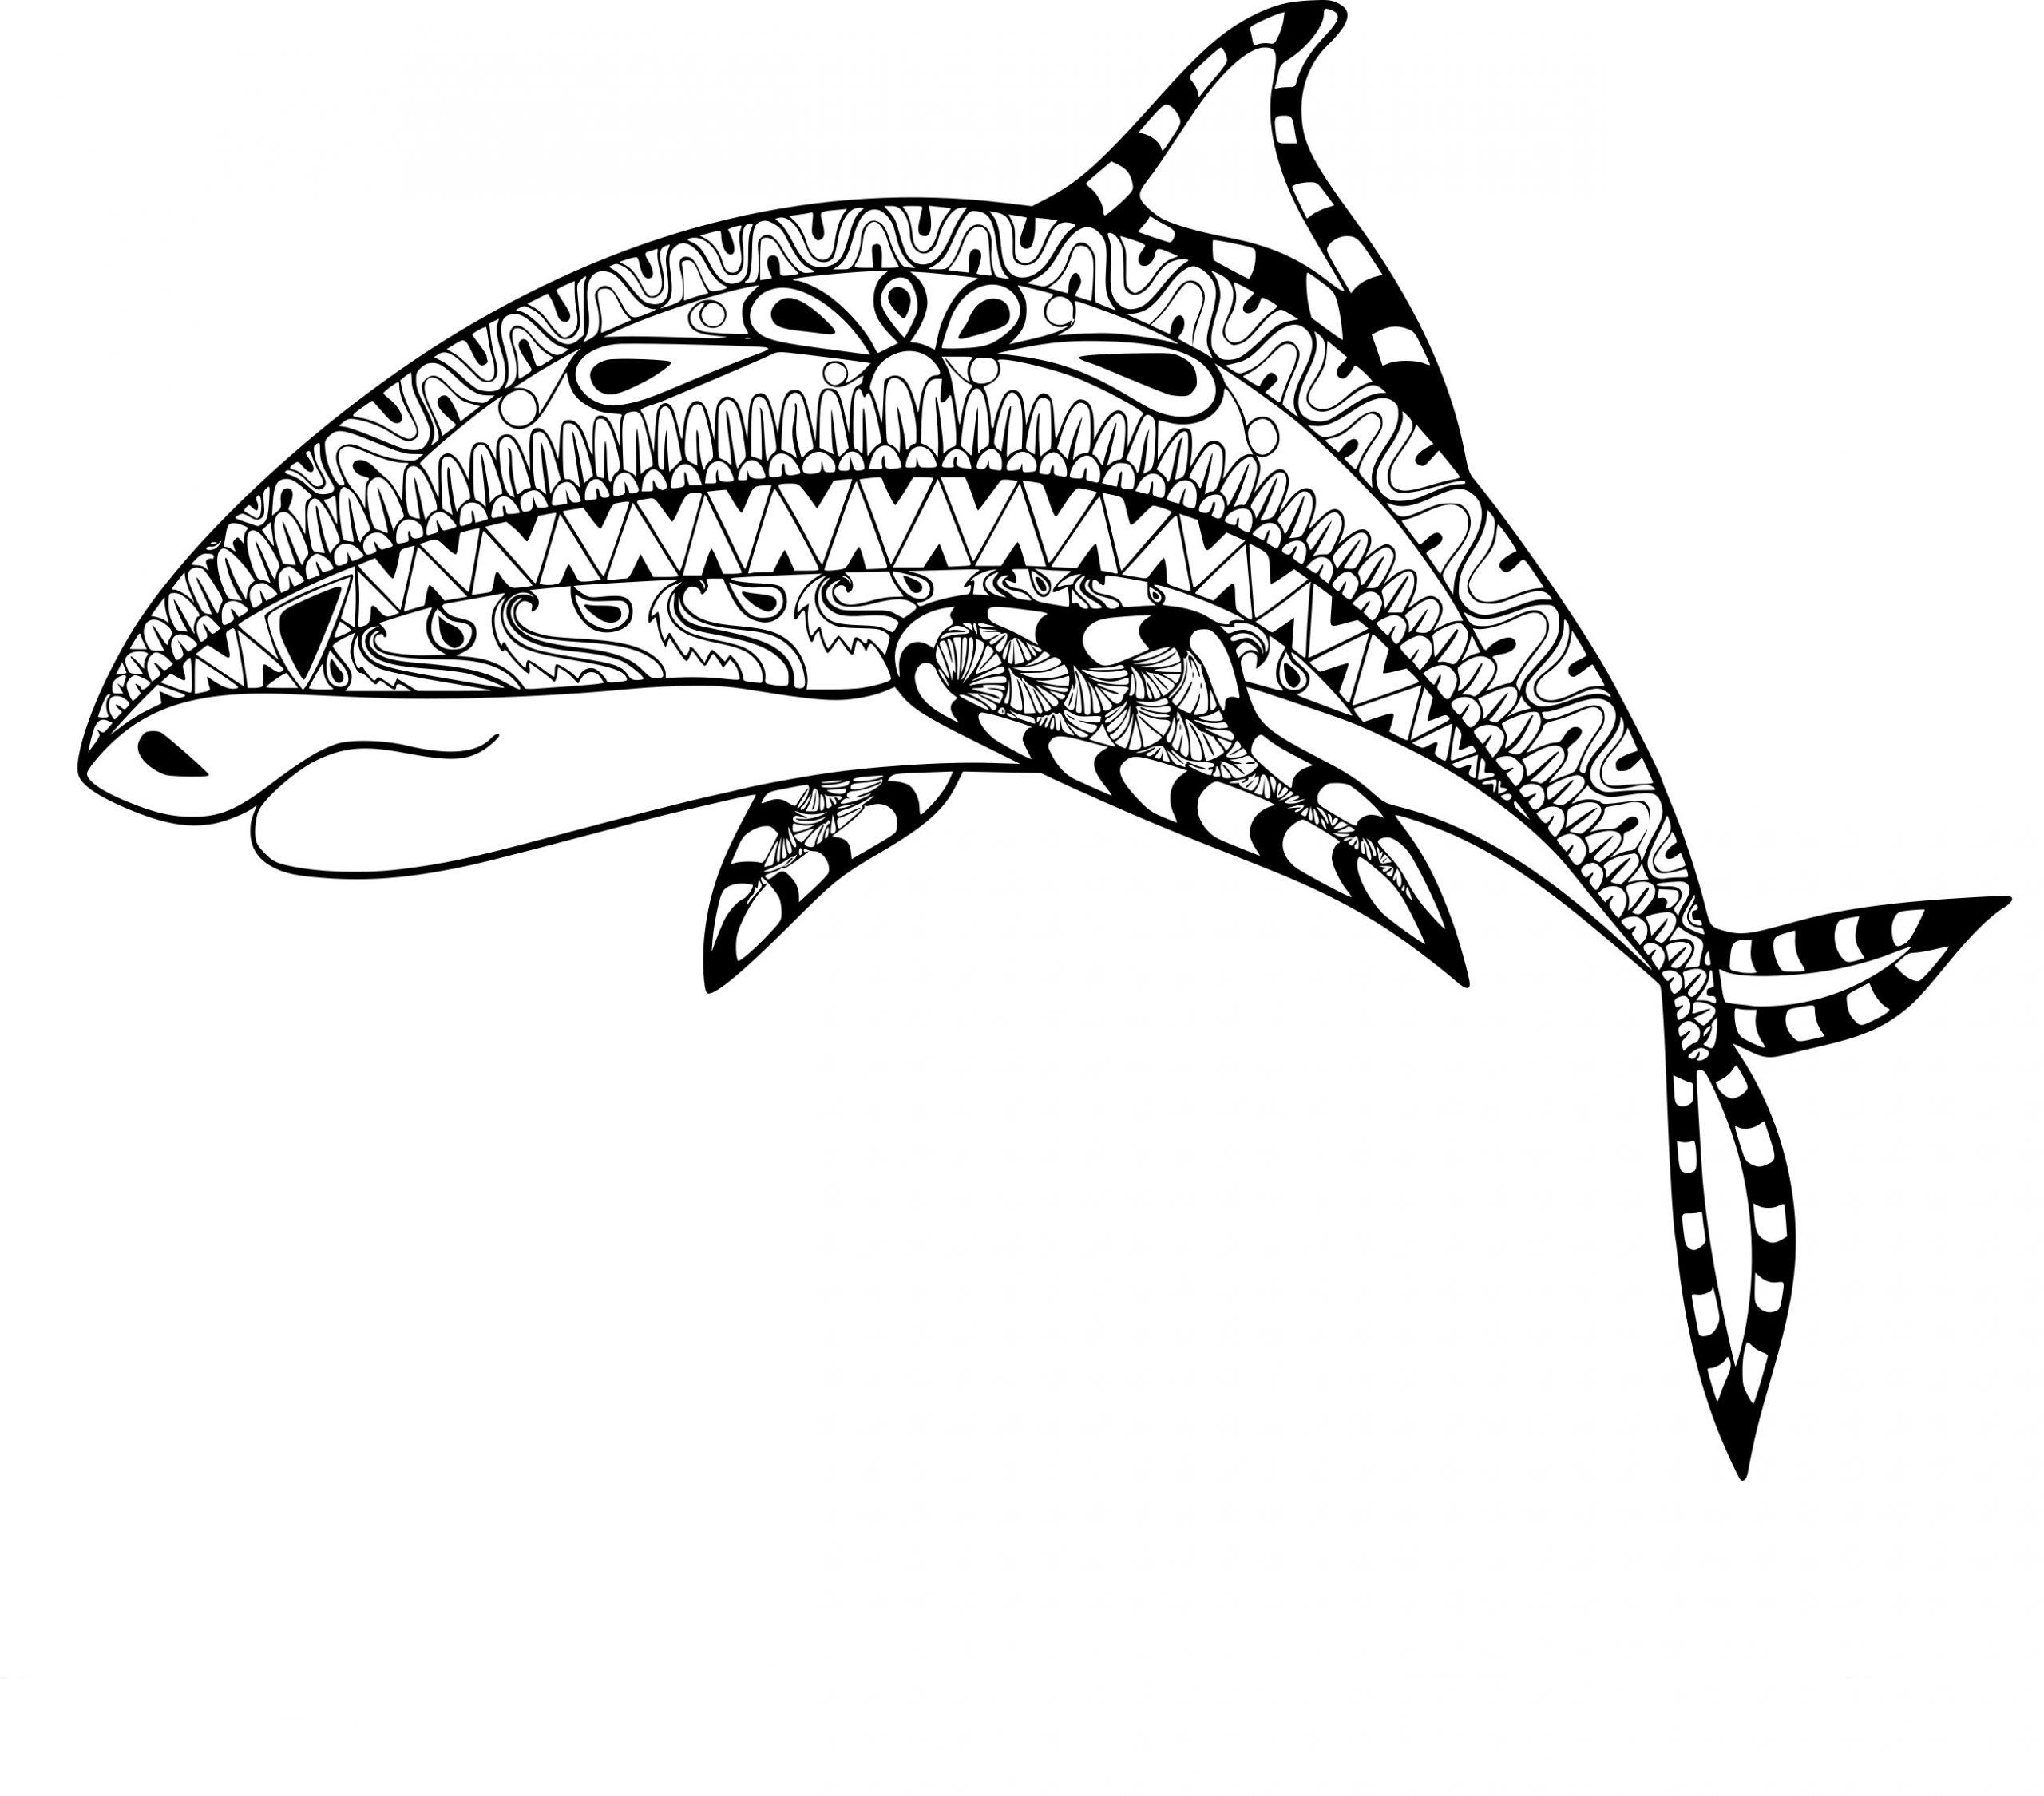 Coloriage Anti-Stress Requin À Imprimer Sur Coloriages concernant Dessin De Requin À Imprimer